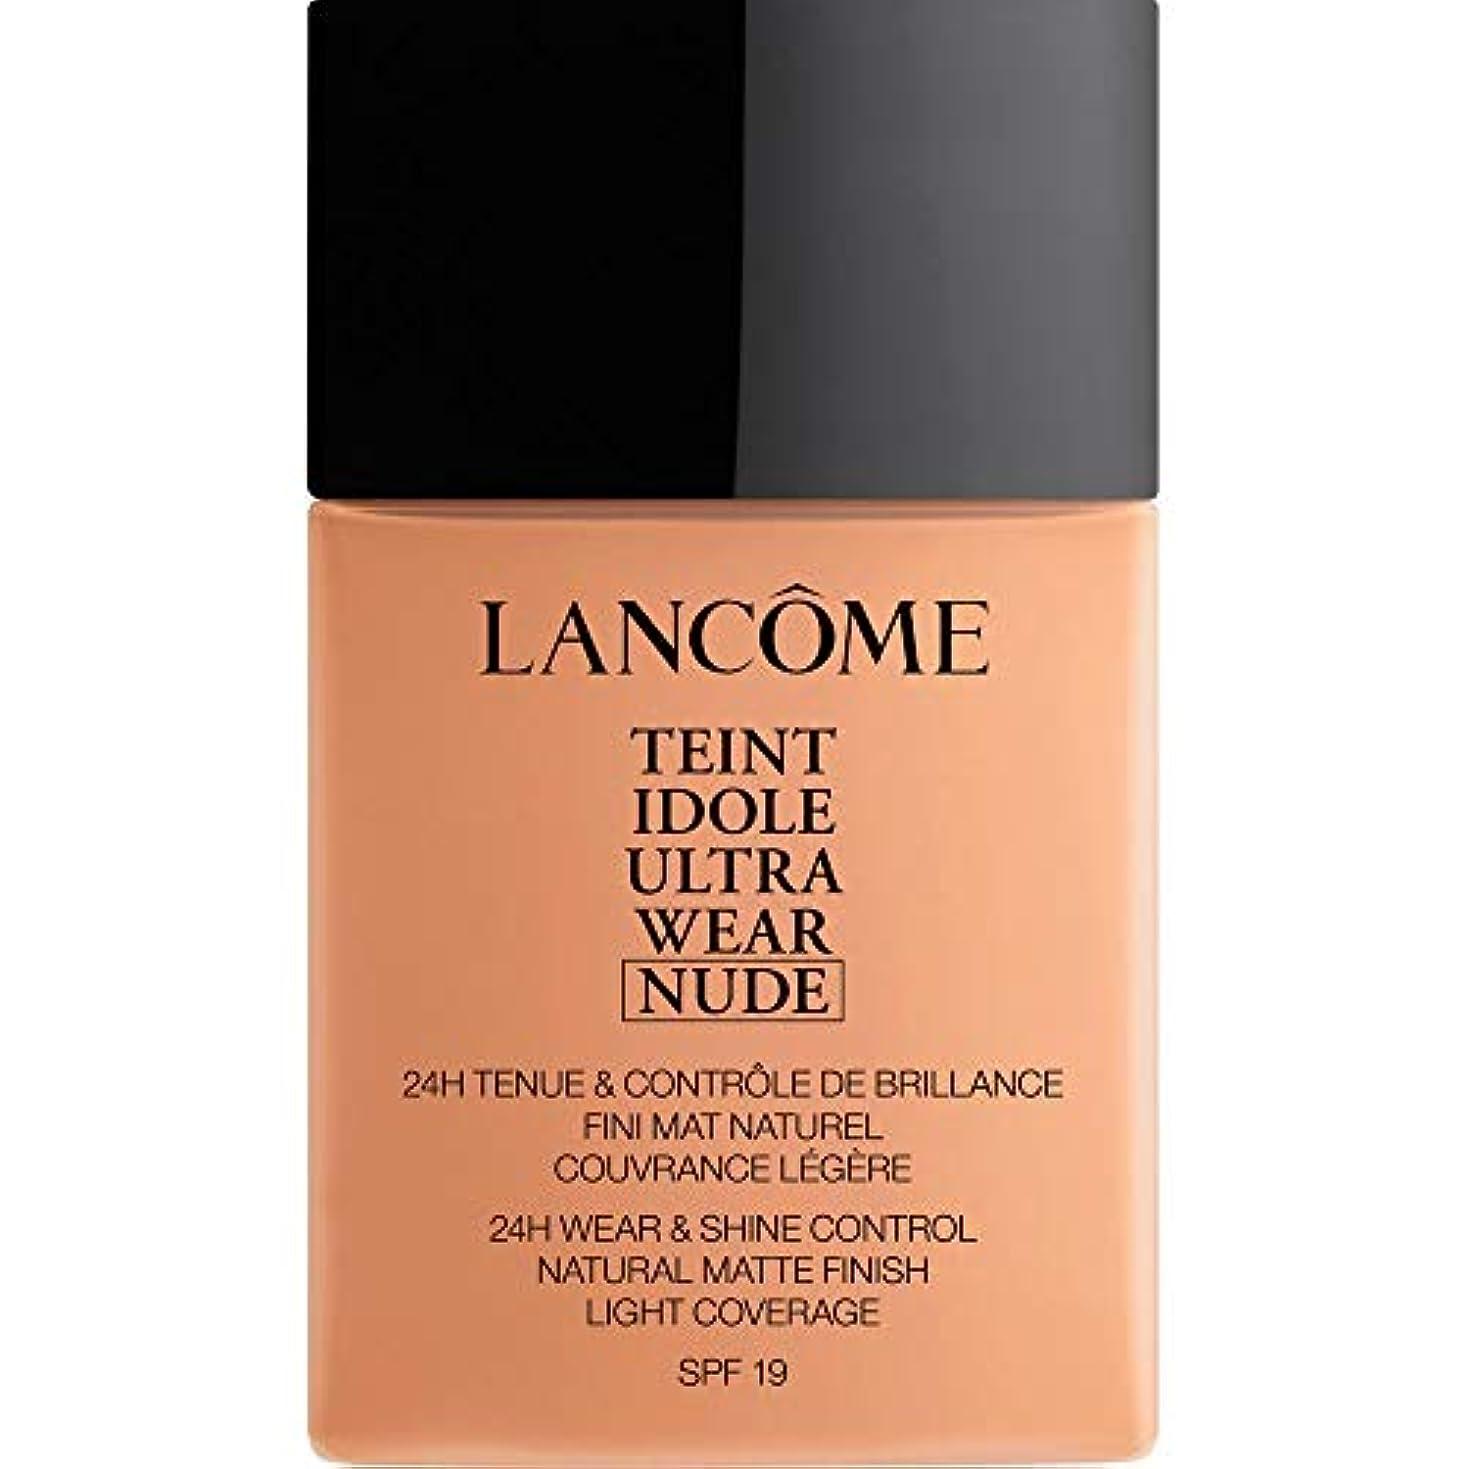 不安定なソーセージ件名[Lanc?me ] ランコムTeintのIdole超摩耗ヌード財団Spf19の40ミリリットル048 - ベージュChataigne - Lancome Teint Idole Ultra Wear Nude Foundation...